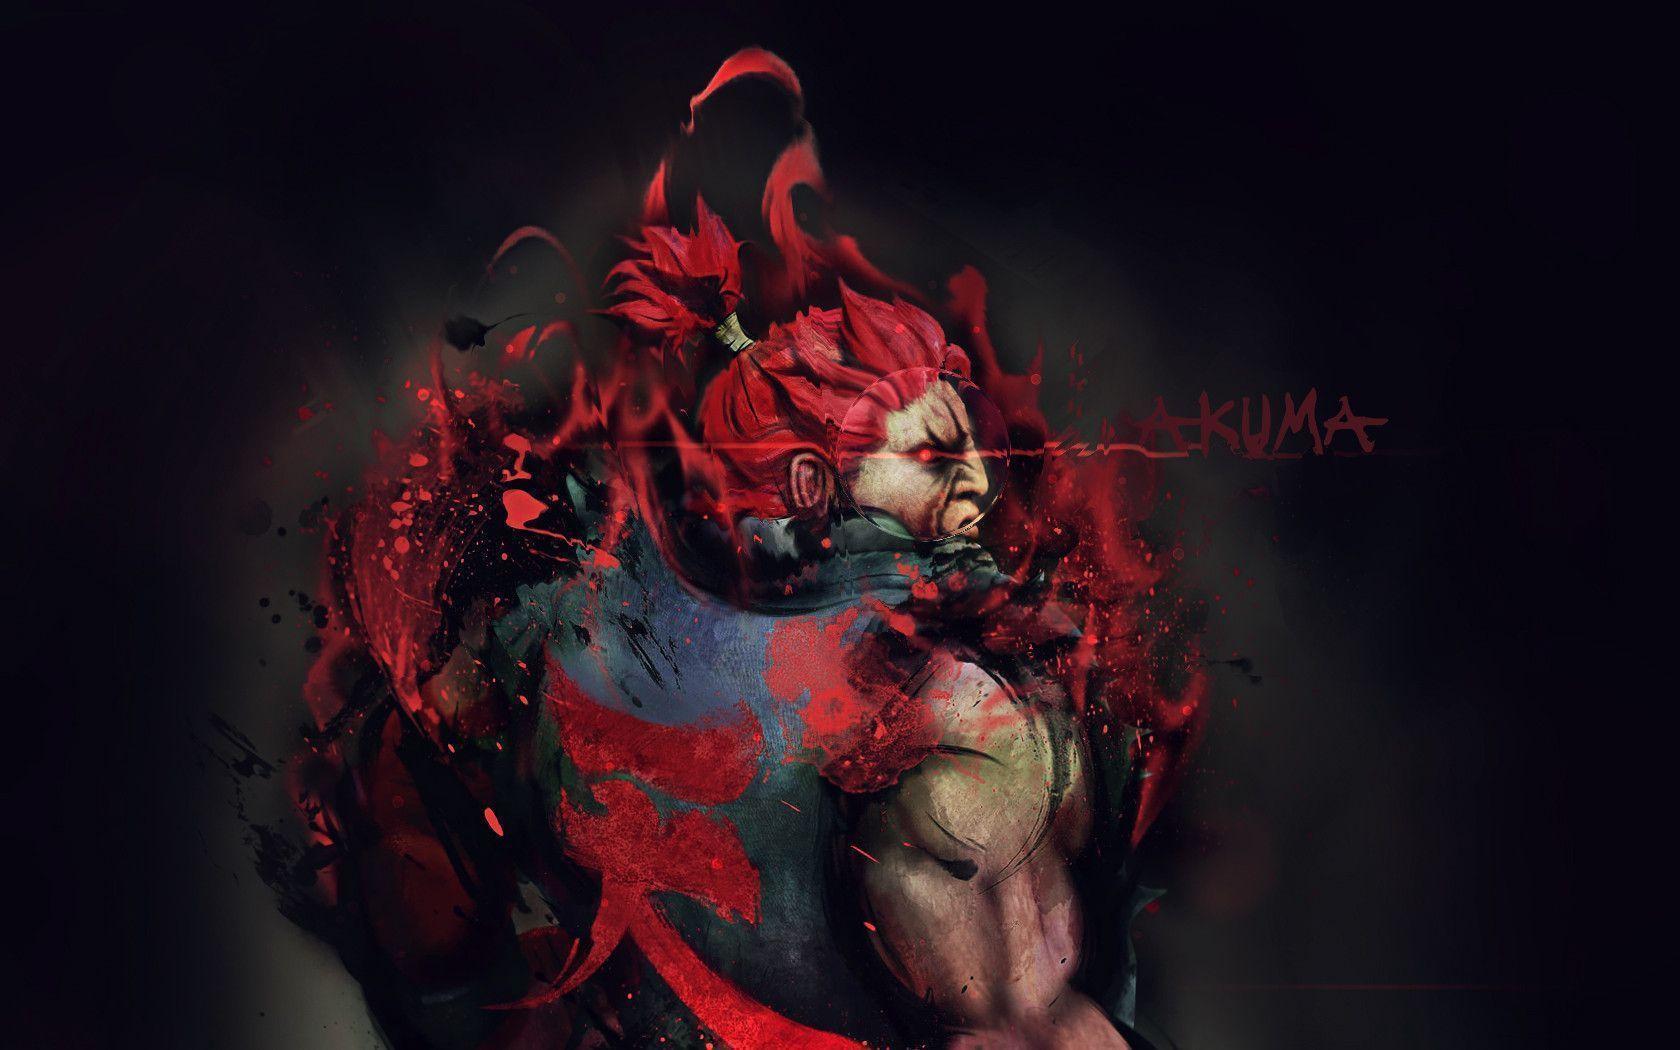 Akuma Wallpaper - Akuma Street Fighter 4 , HD Wallpaper & Backgrounds